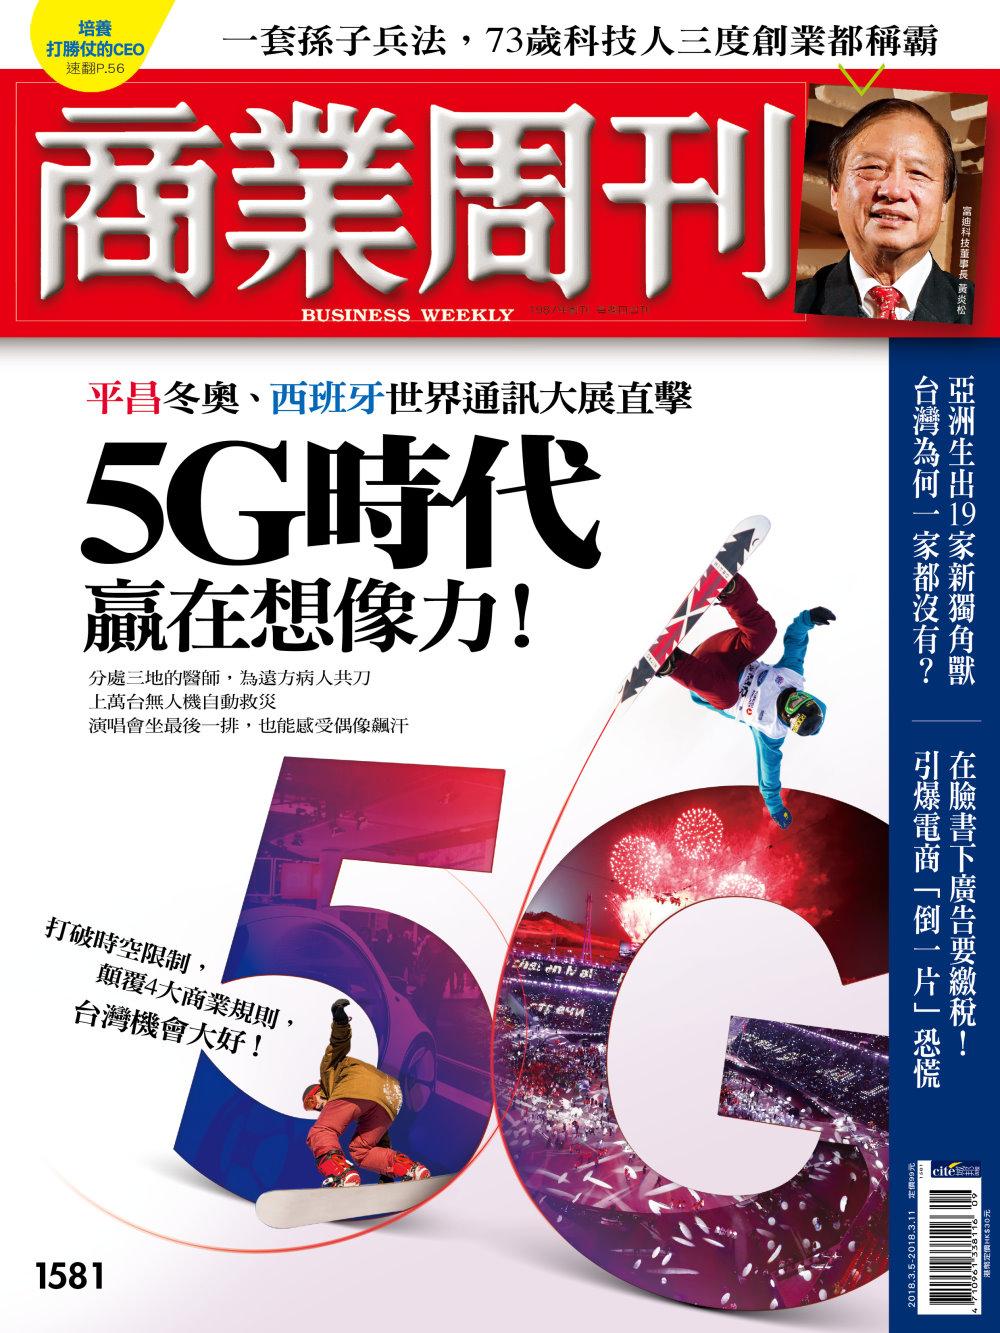 商業周刊 2018/3/1第1581期